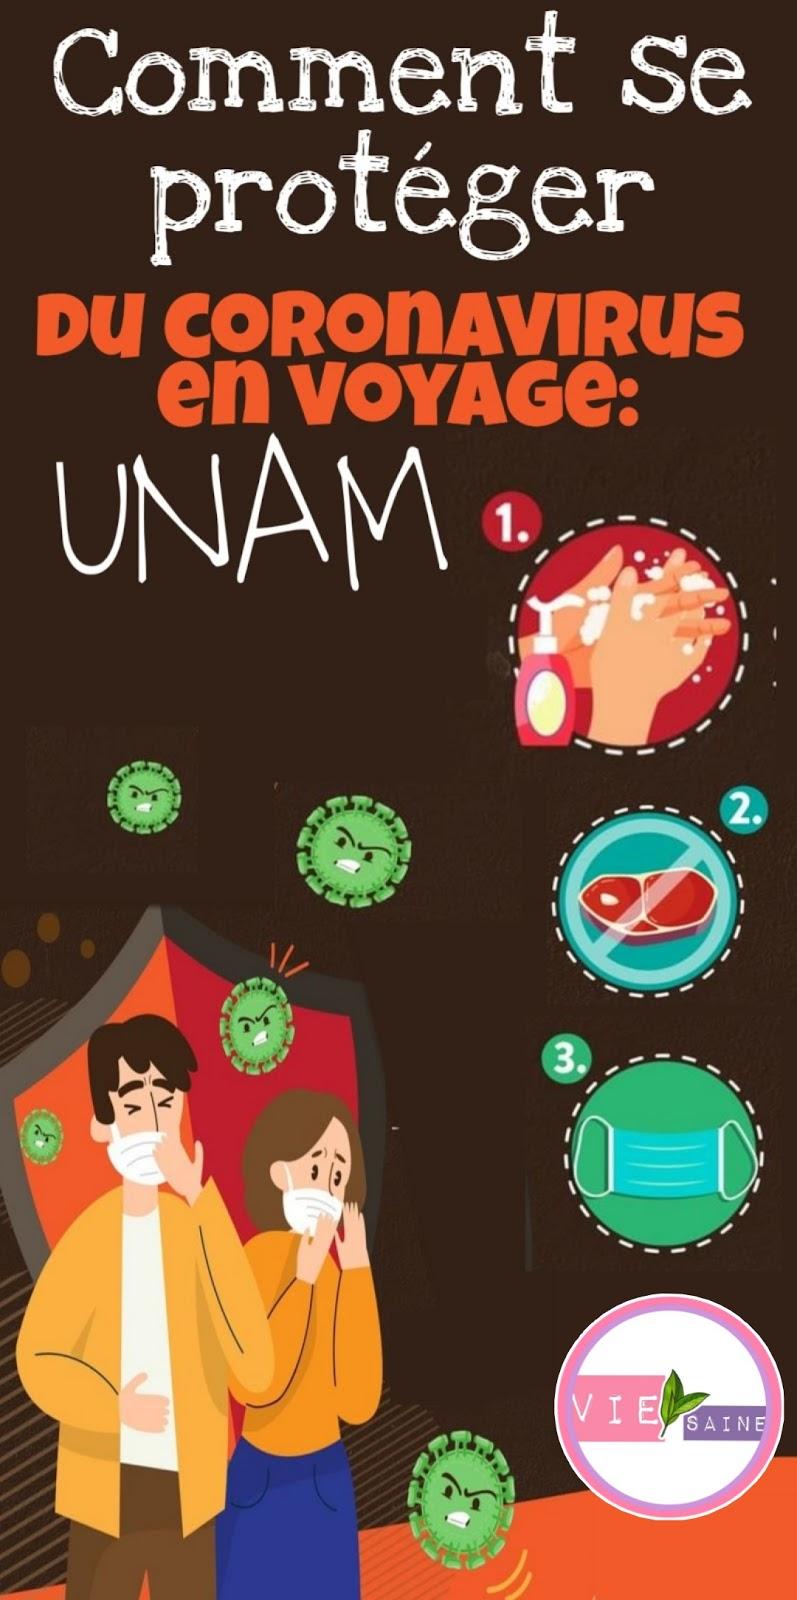 Comment se protéger du coronavirus en voyage: UNAM